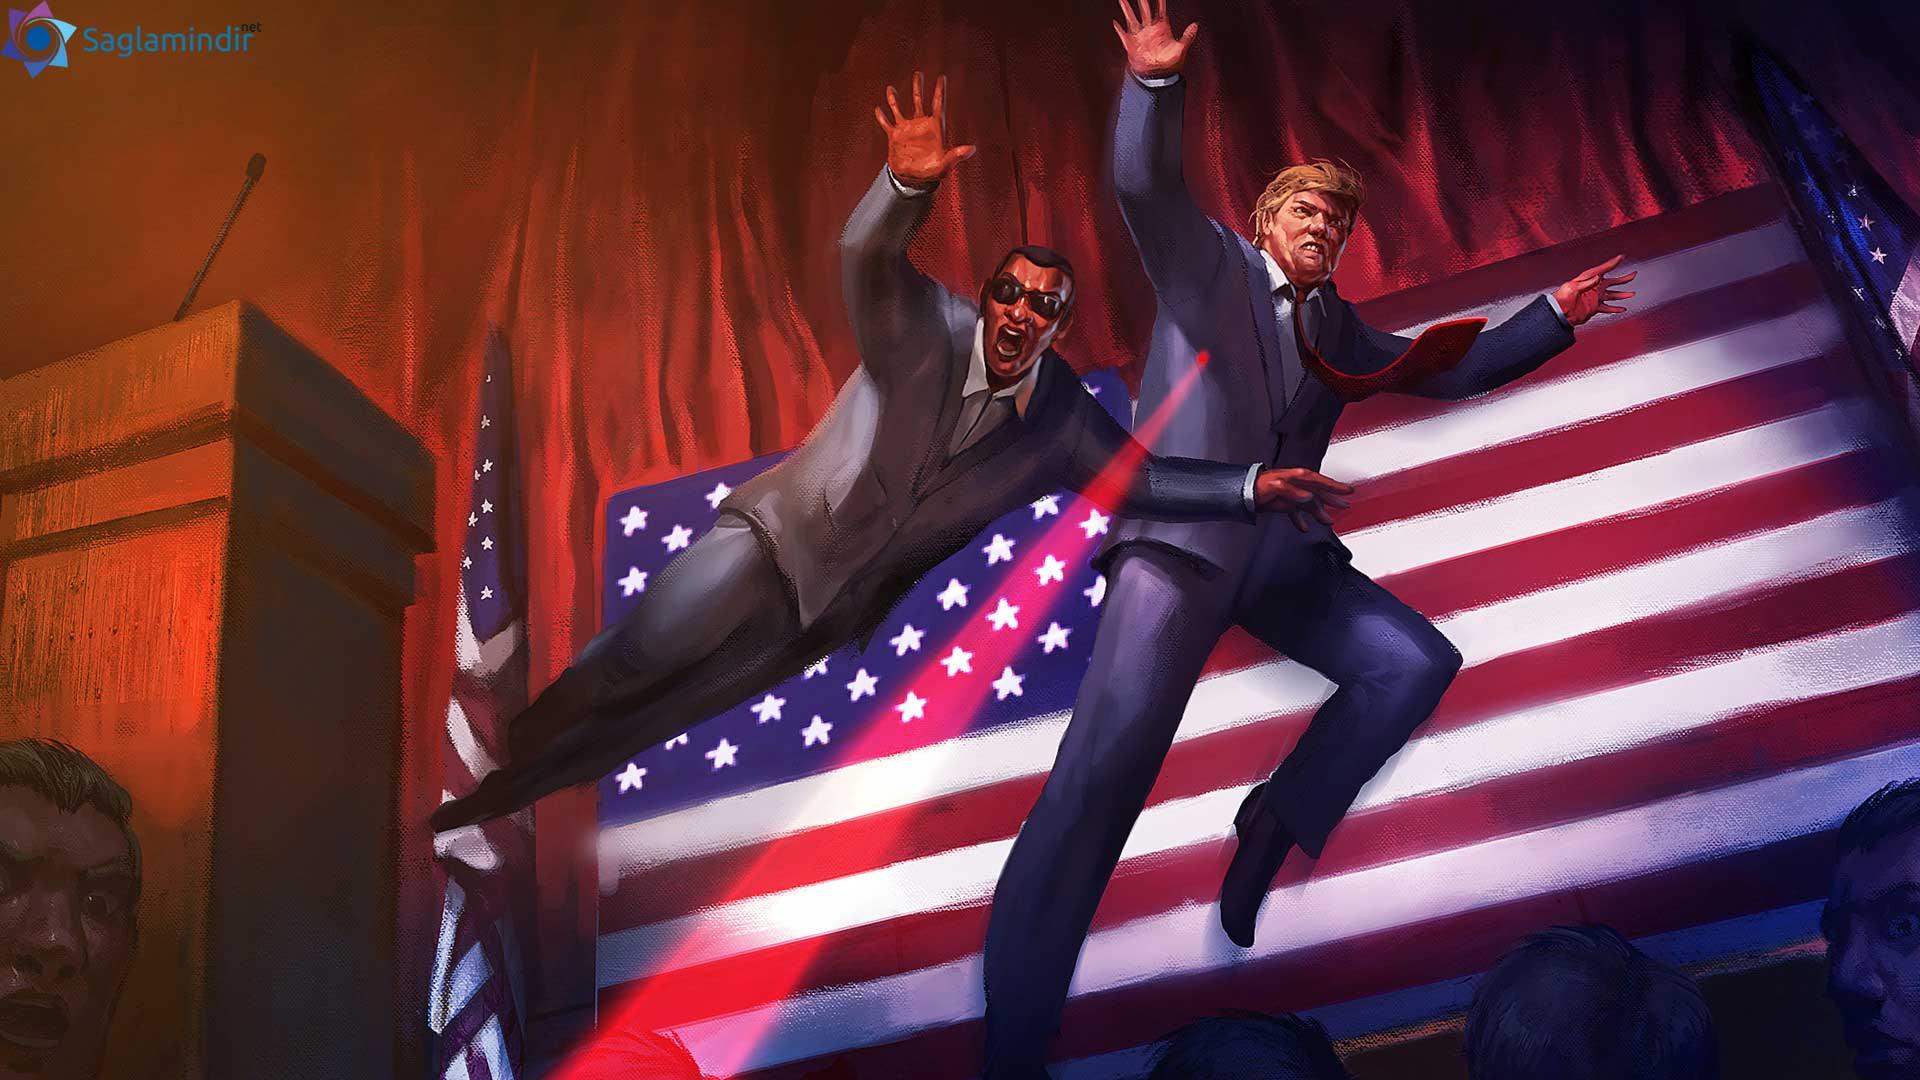 Mr. President saglamindir